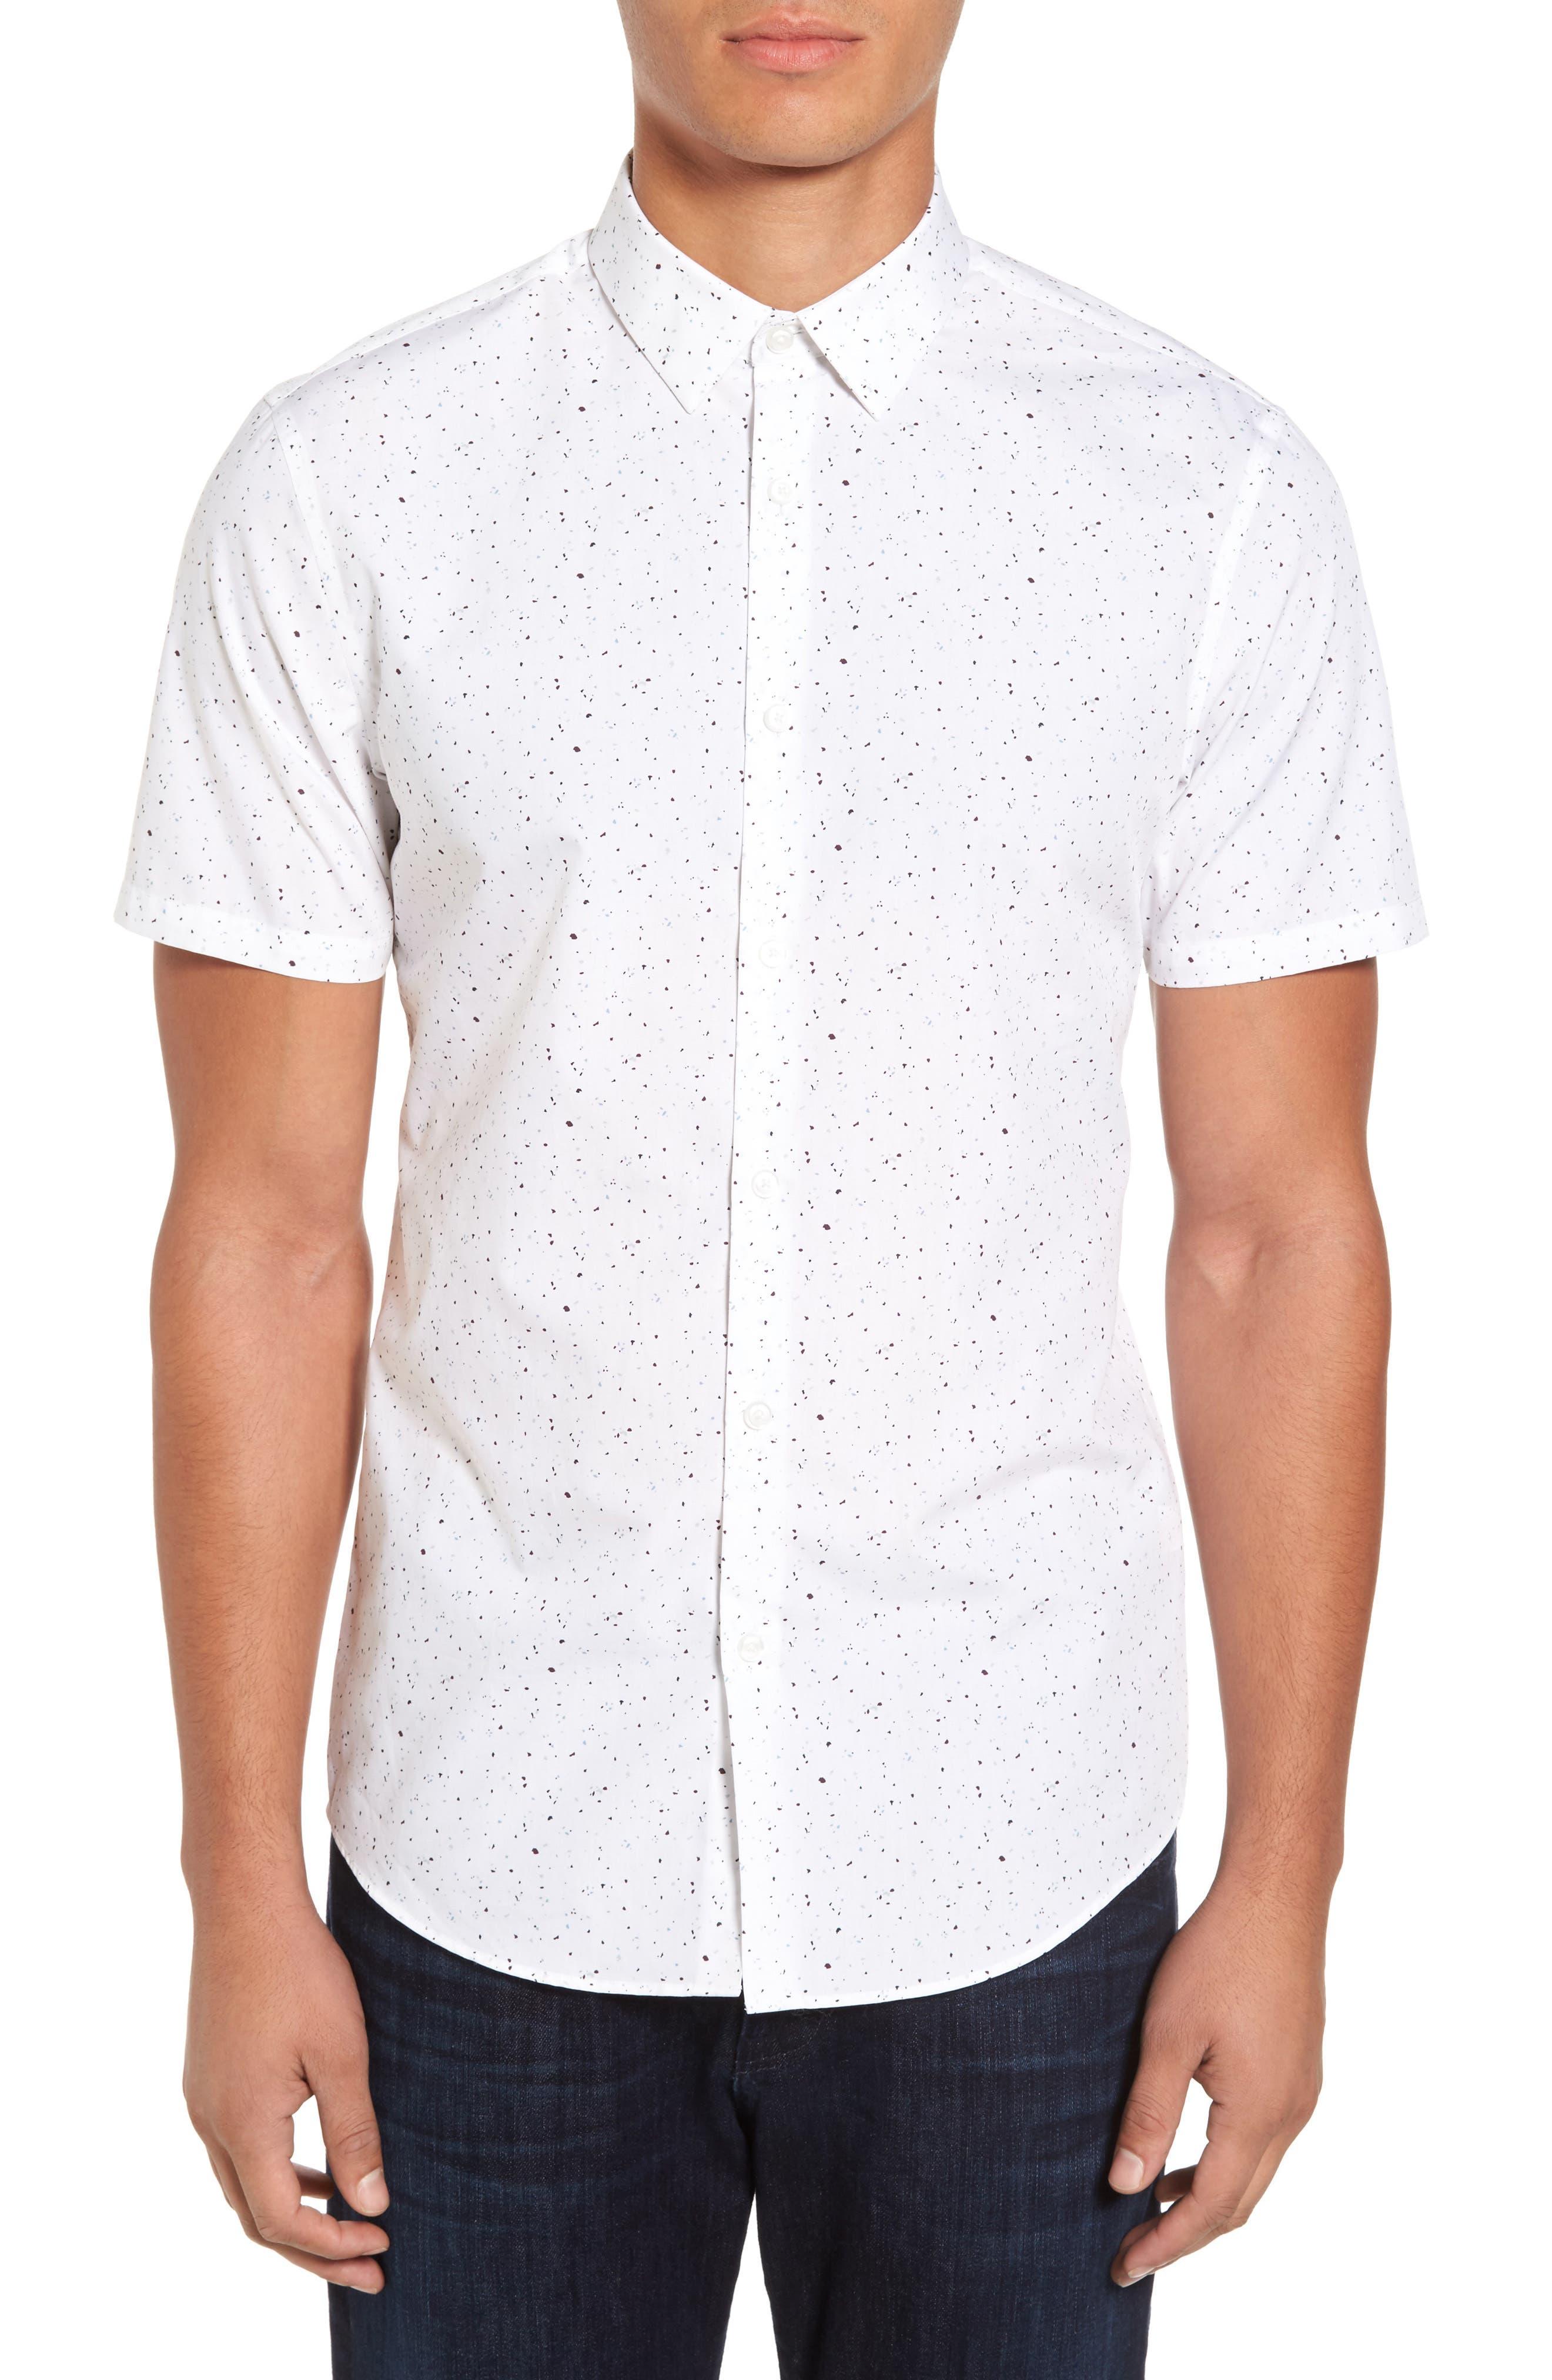 Speckle Print Sport Shirt,                             Main thumbnail 1, color,                             100